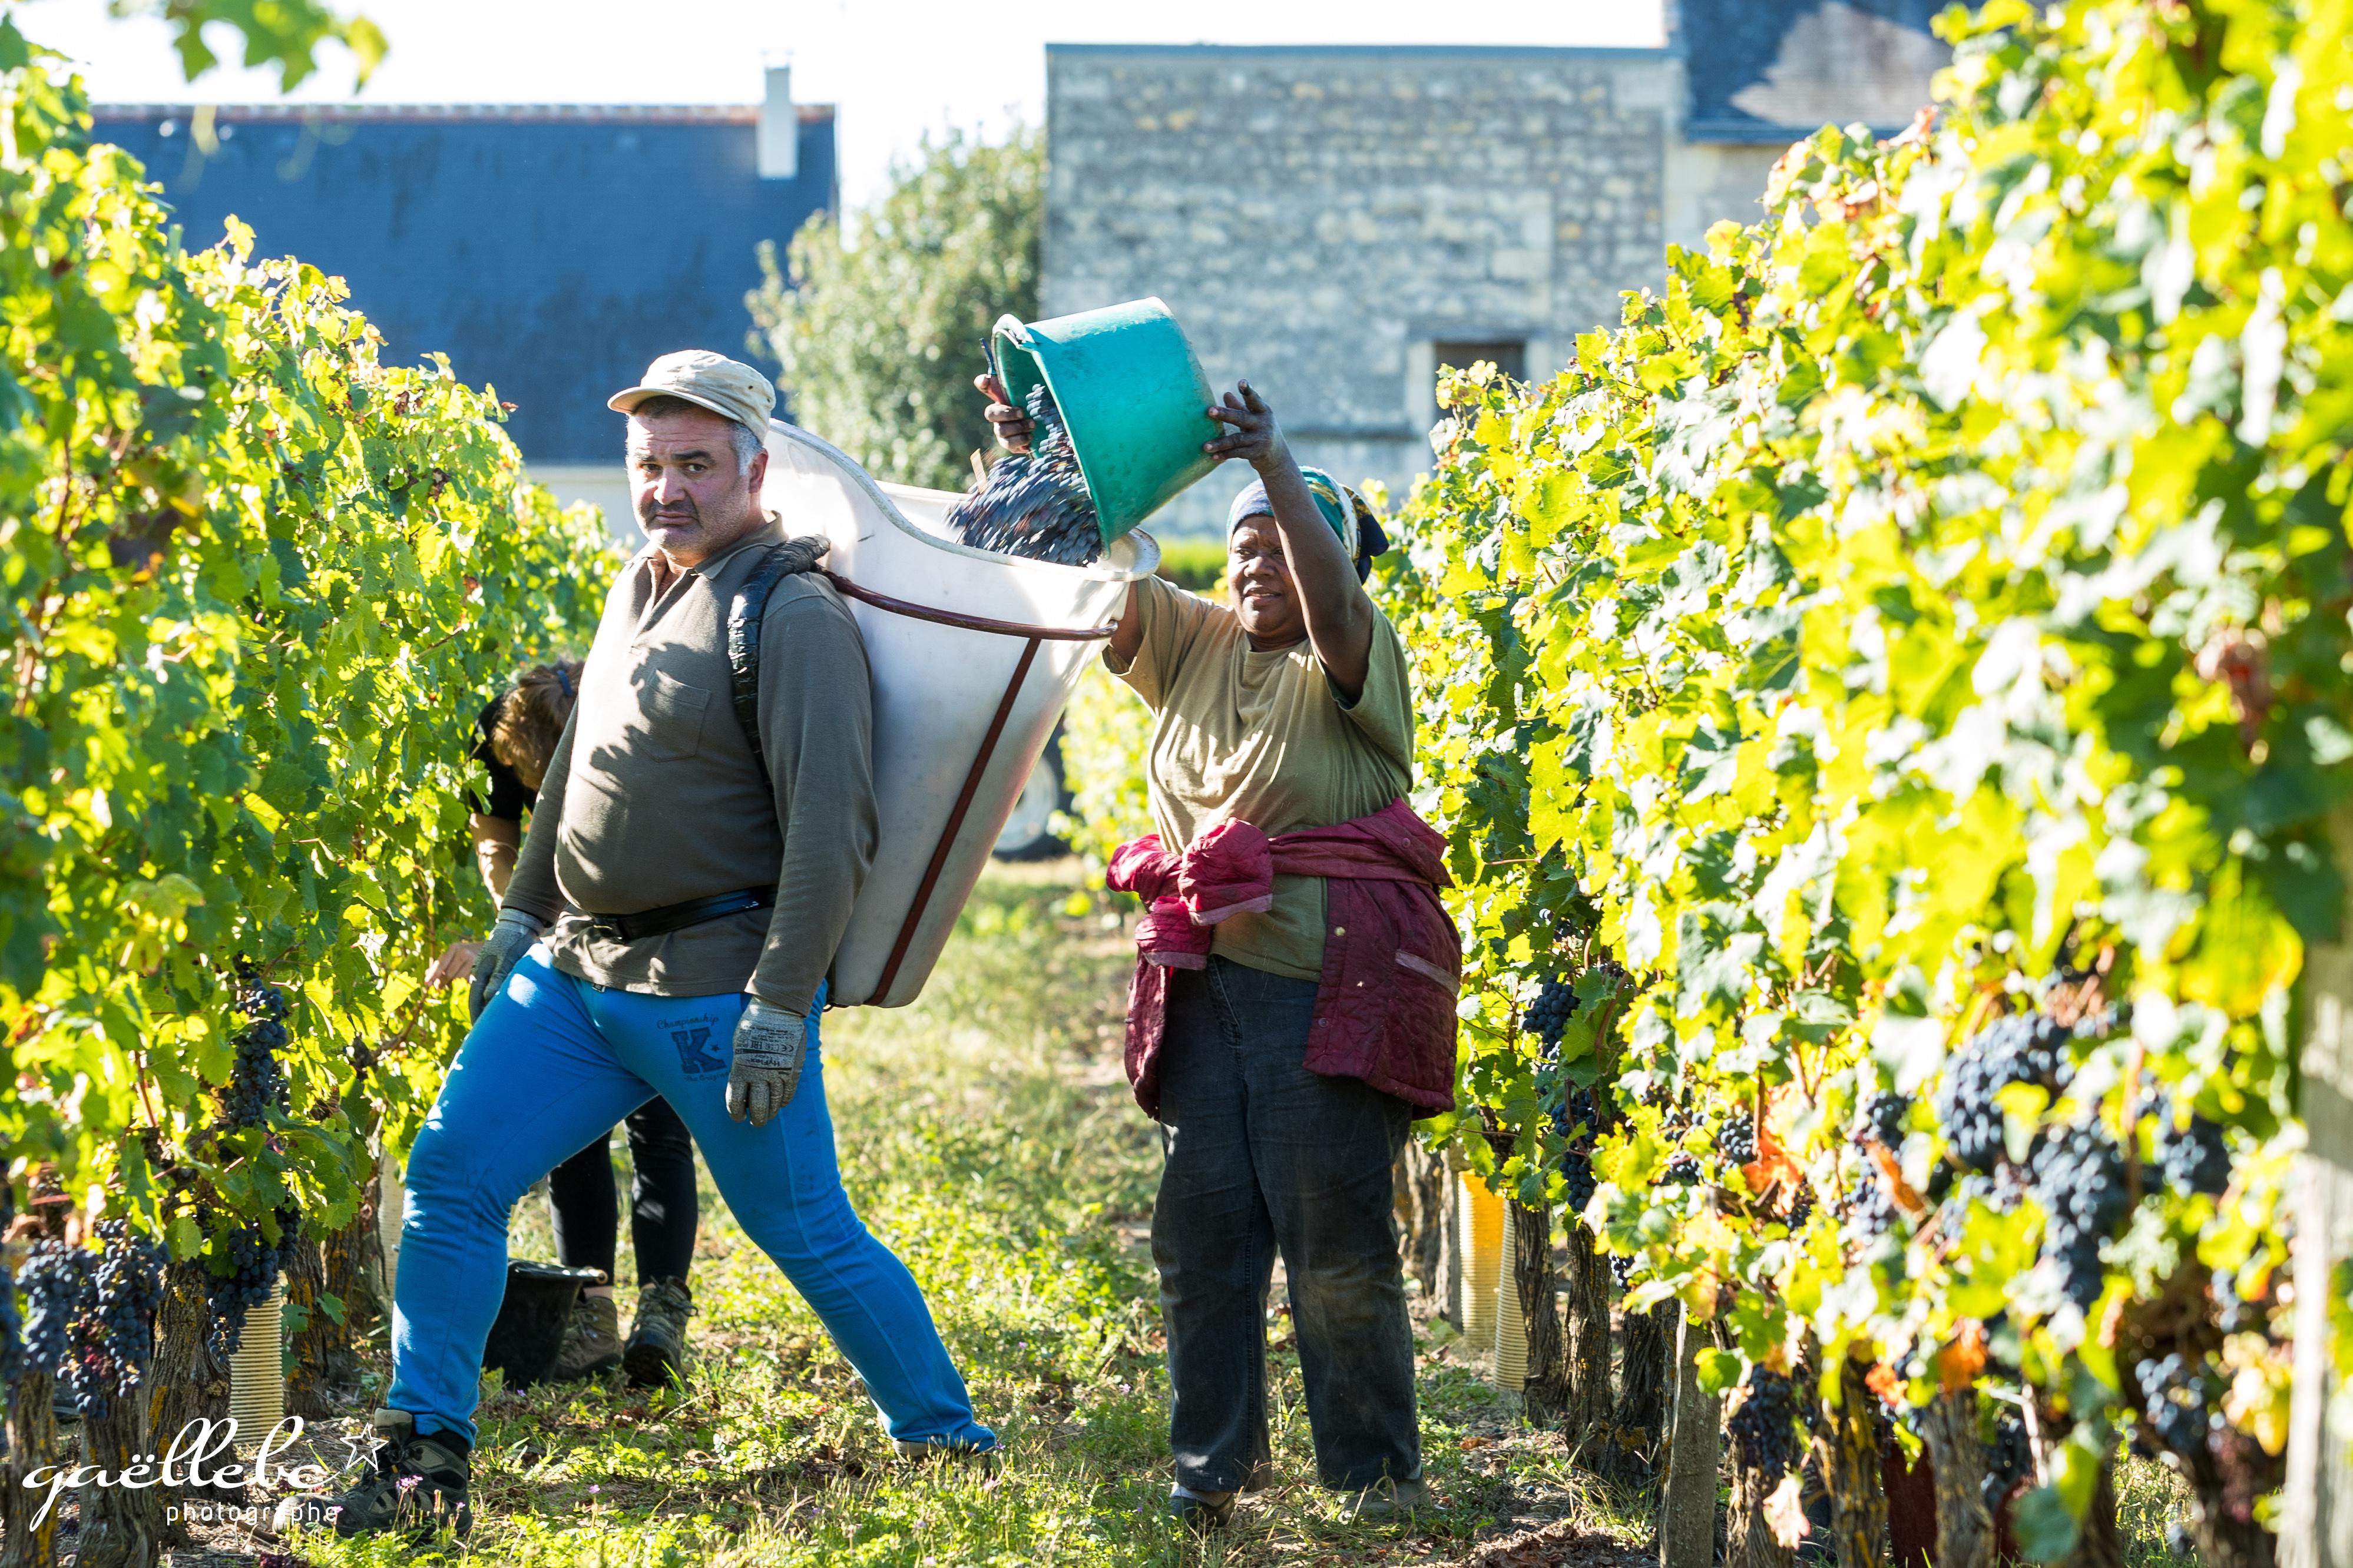 2-Vendanges-2018-Maison-de-Vins-de-bourgueil-JPGhd-154 copie